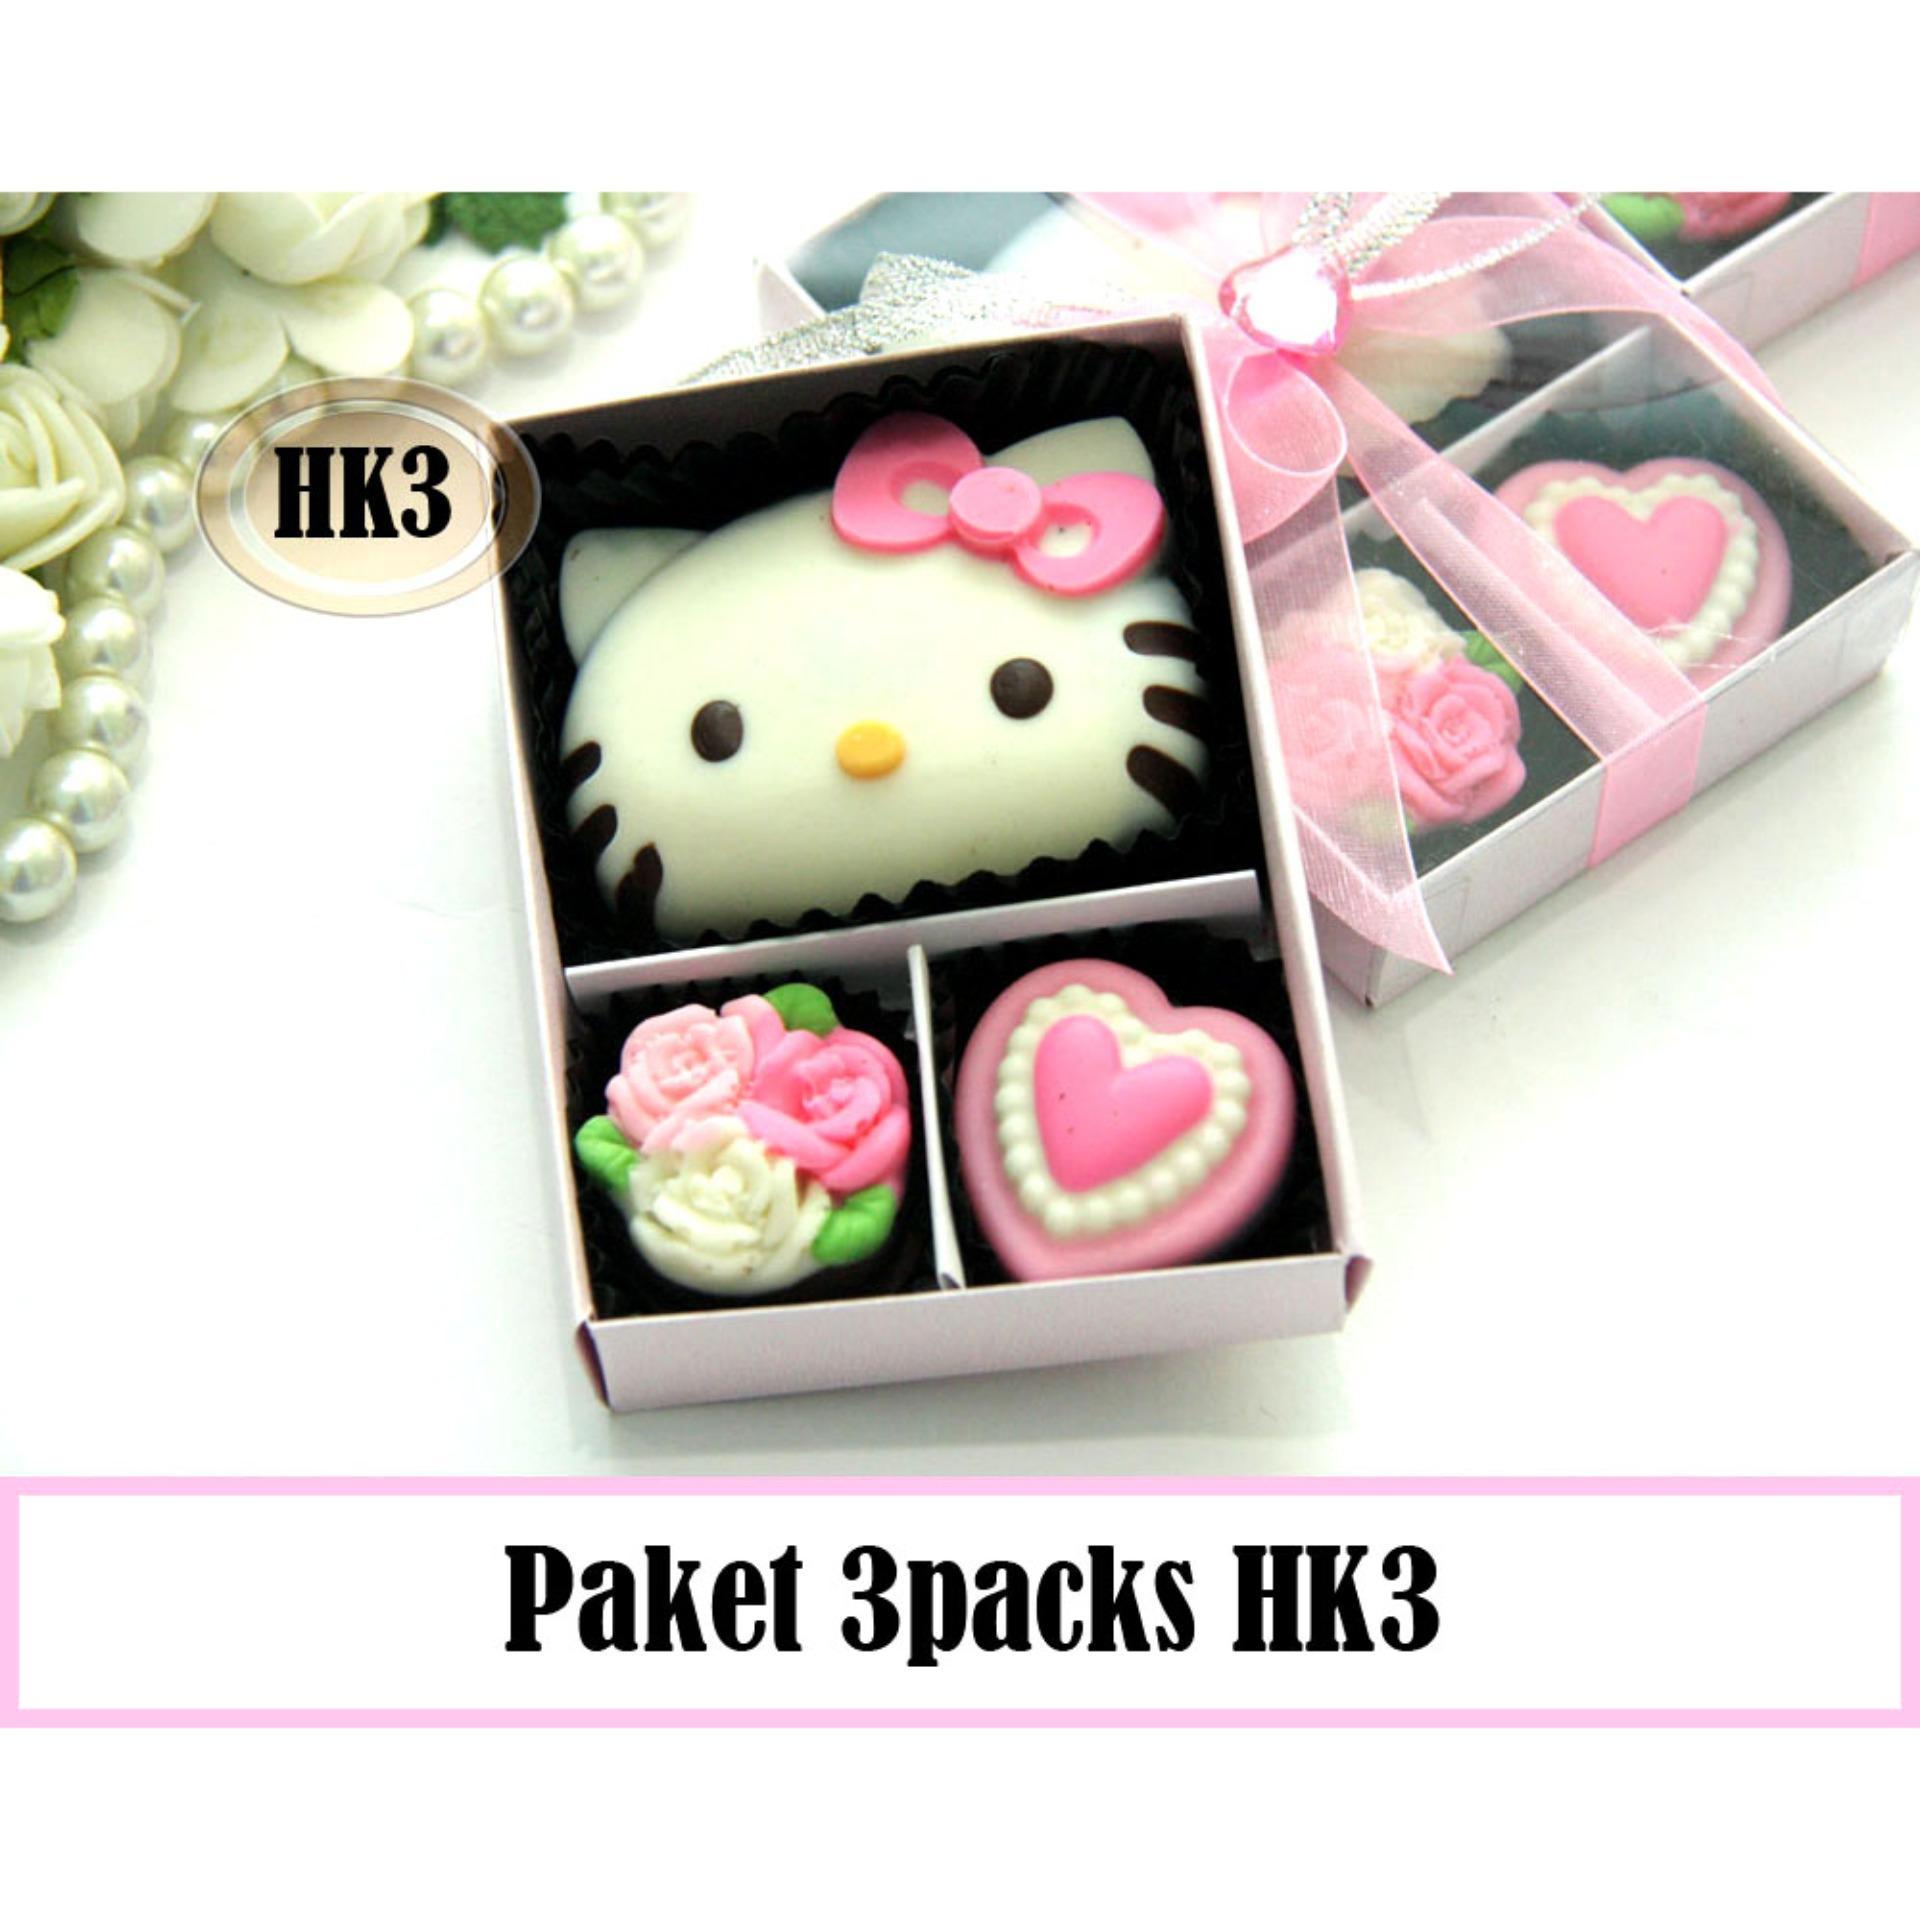 Harga Trulychoco Paket Coklat Love Editions Hk3 3Packs Pink Yang Murah